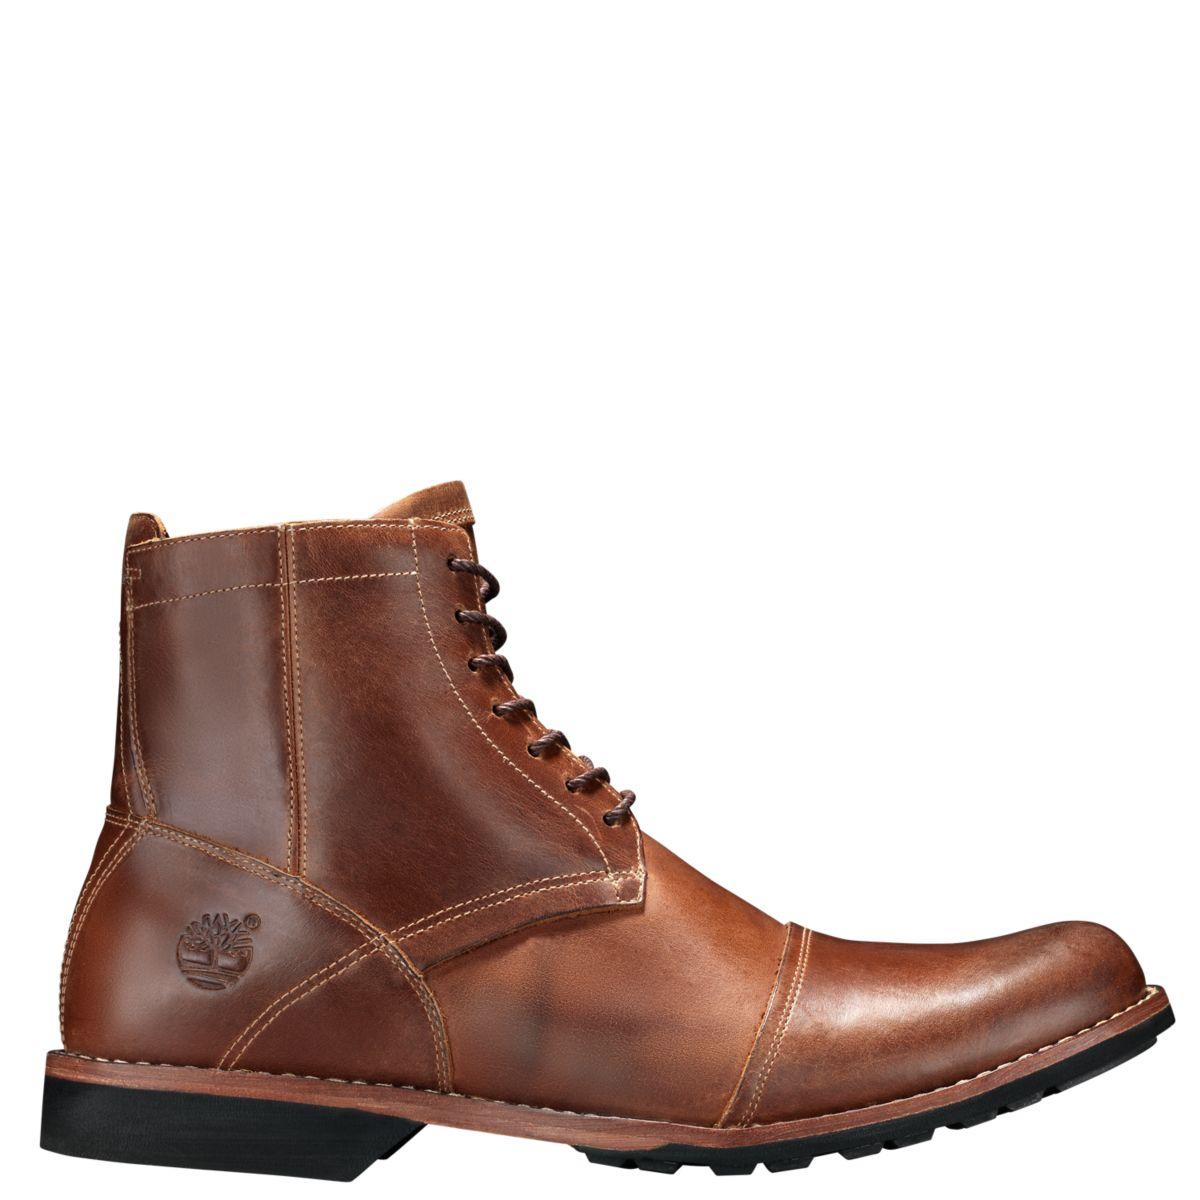 Men's City 6-Inch Side-Zip Boots